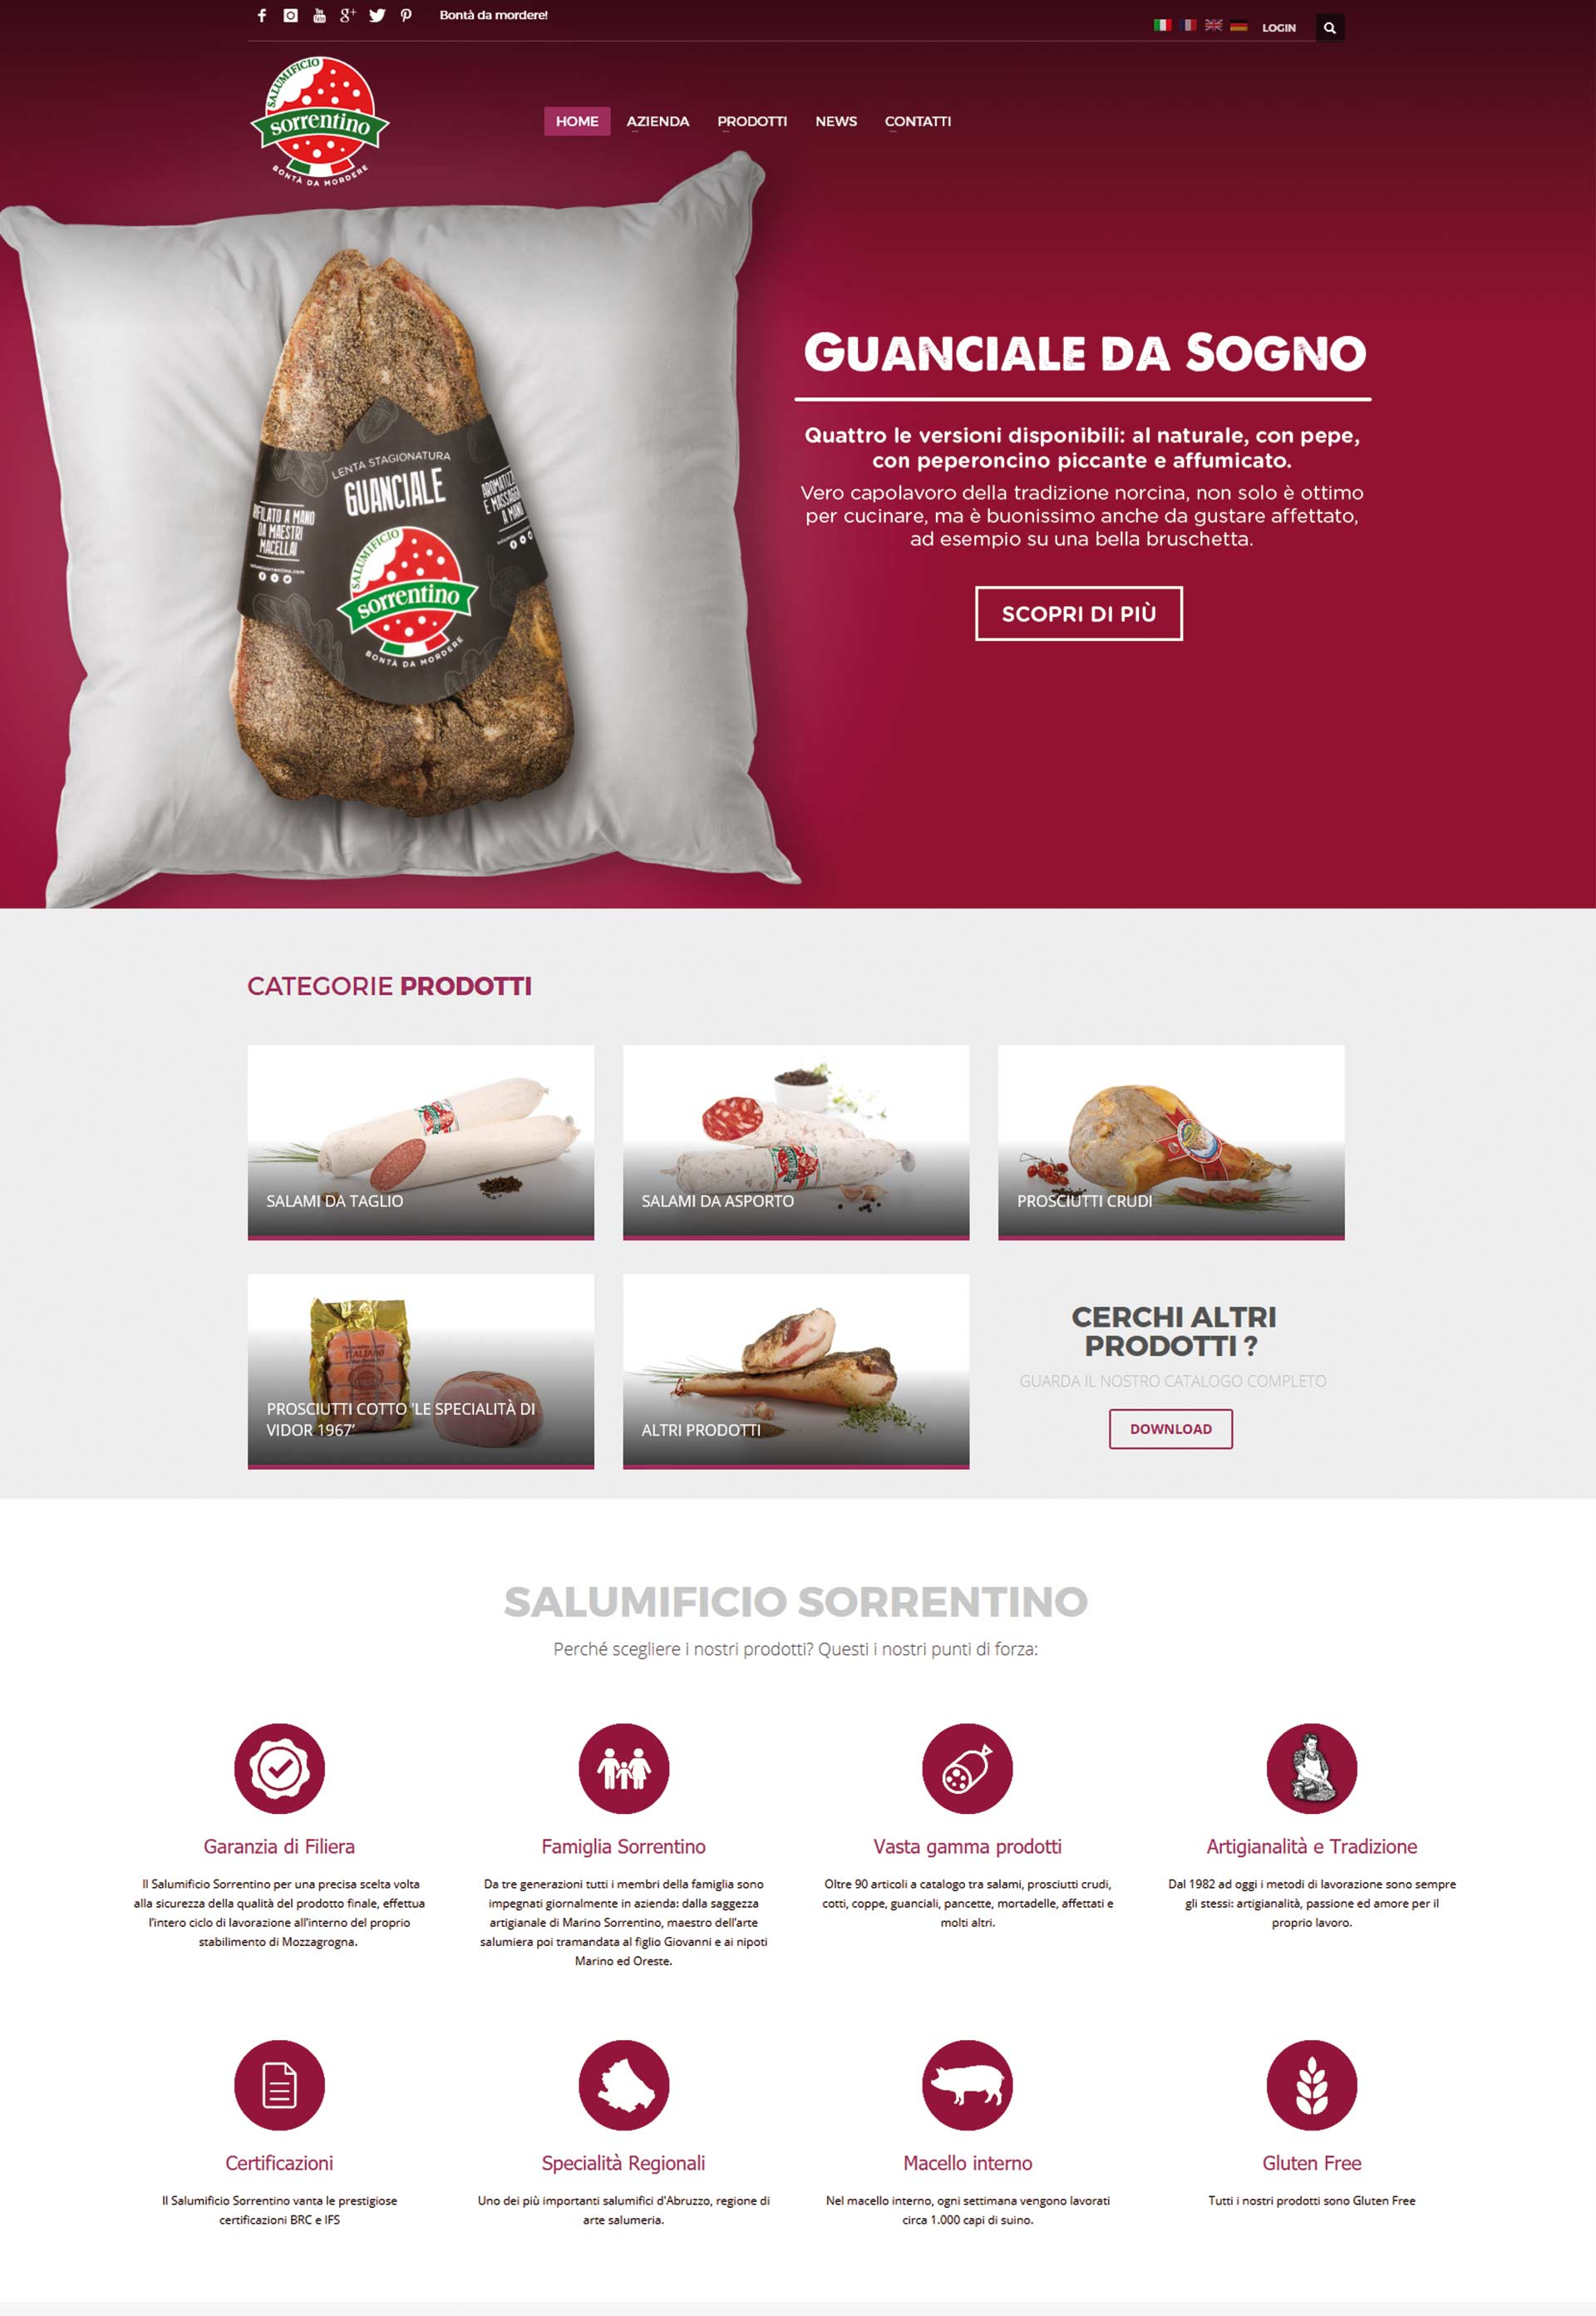 Sorrentino, Web site